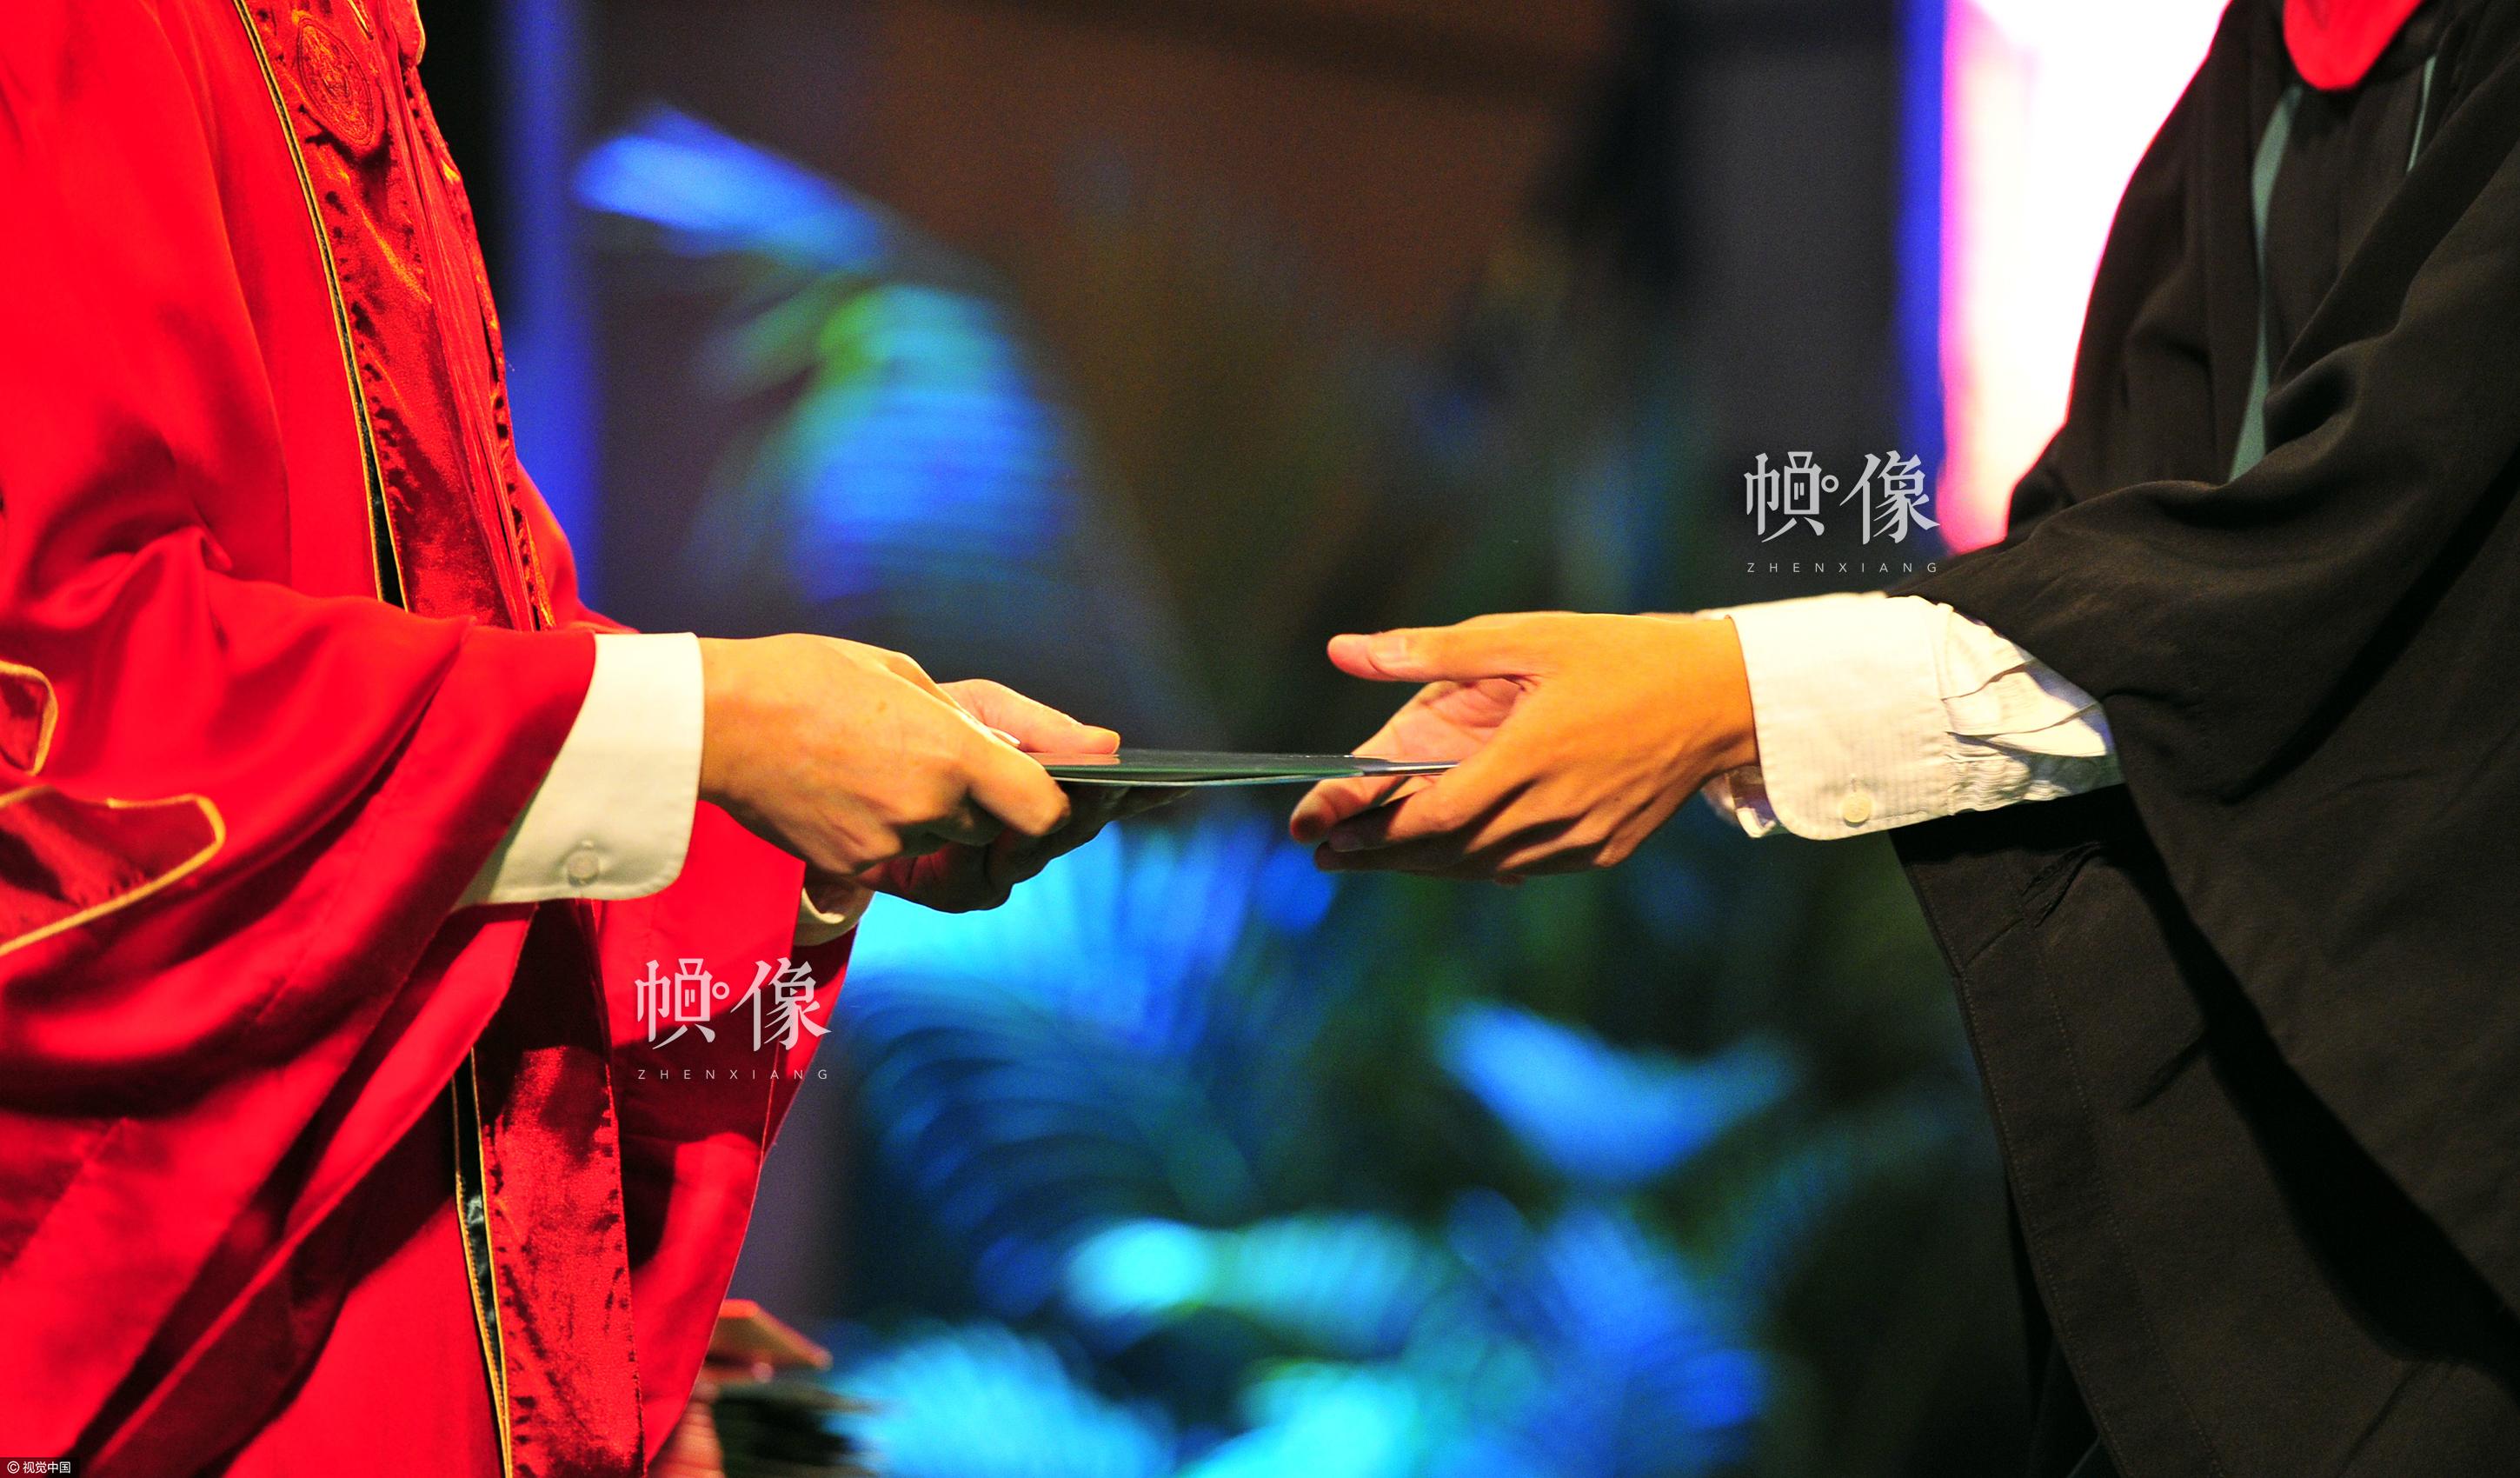 2012年6月28日,广州中山大学举行2012届毕业典礼,校长许宁生与毕业学生握手,并颁发毕业纪念册。视觉中国供图